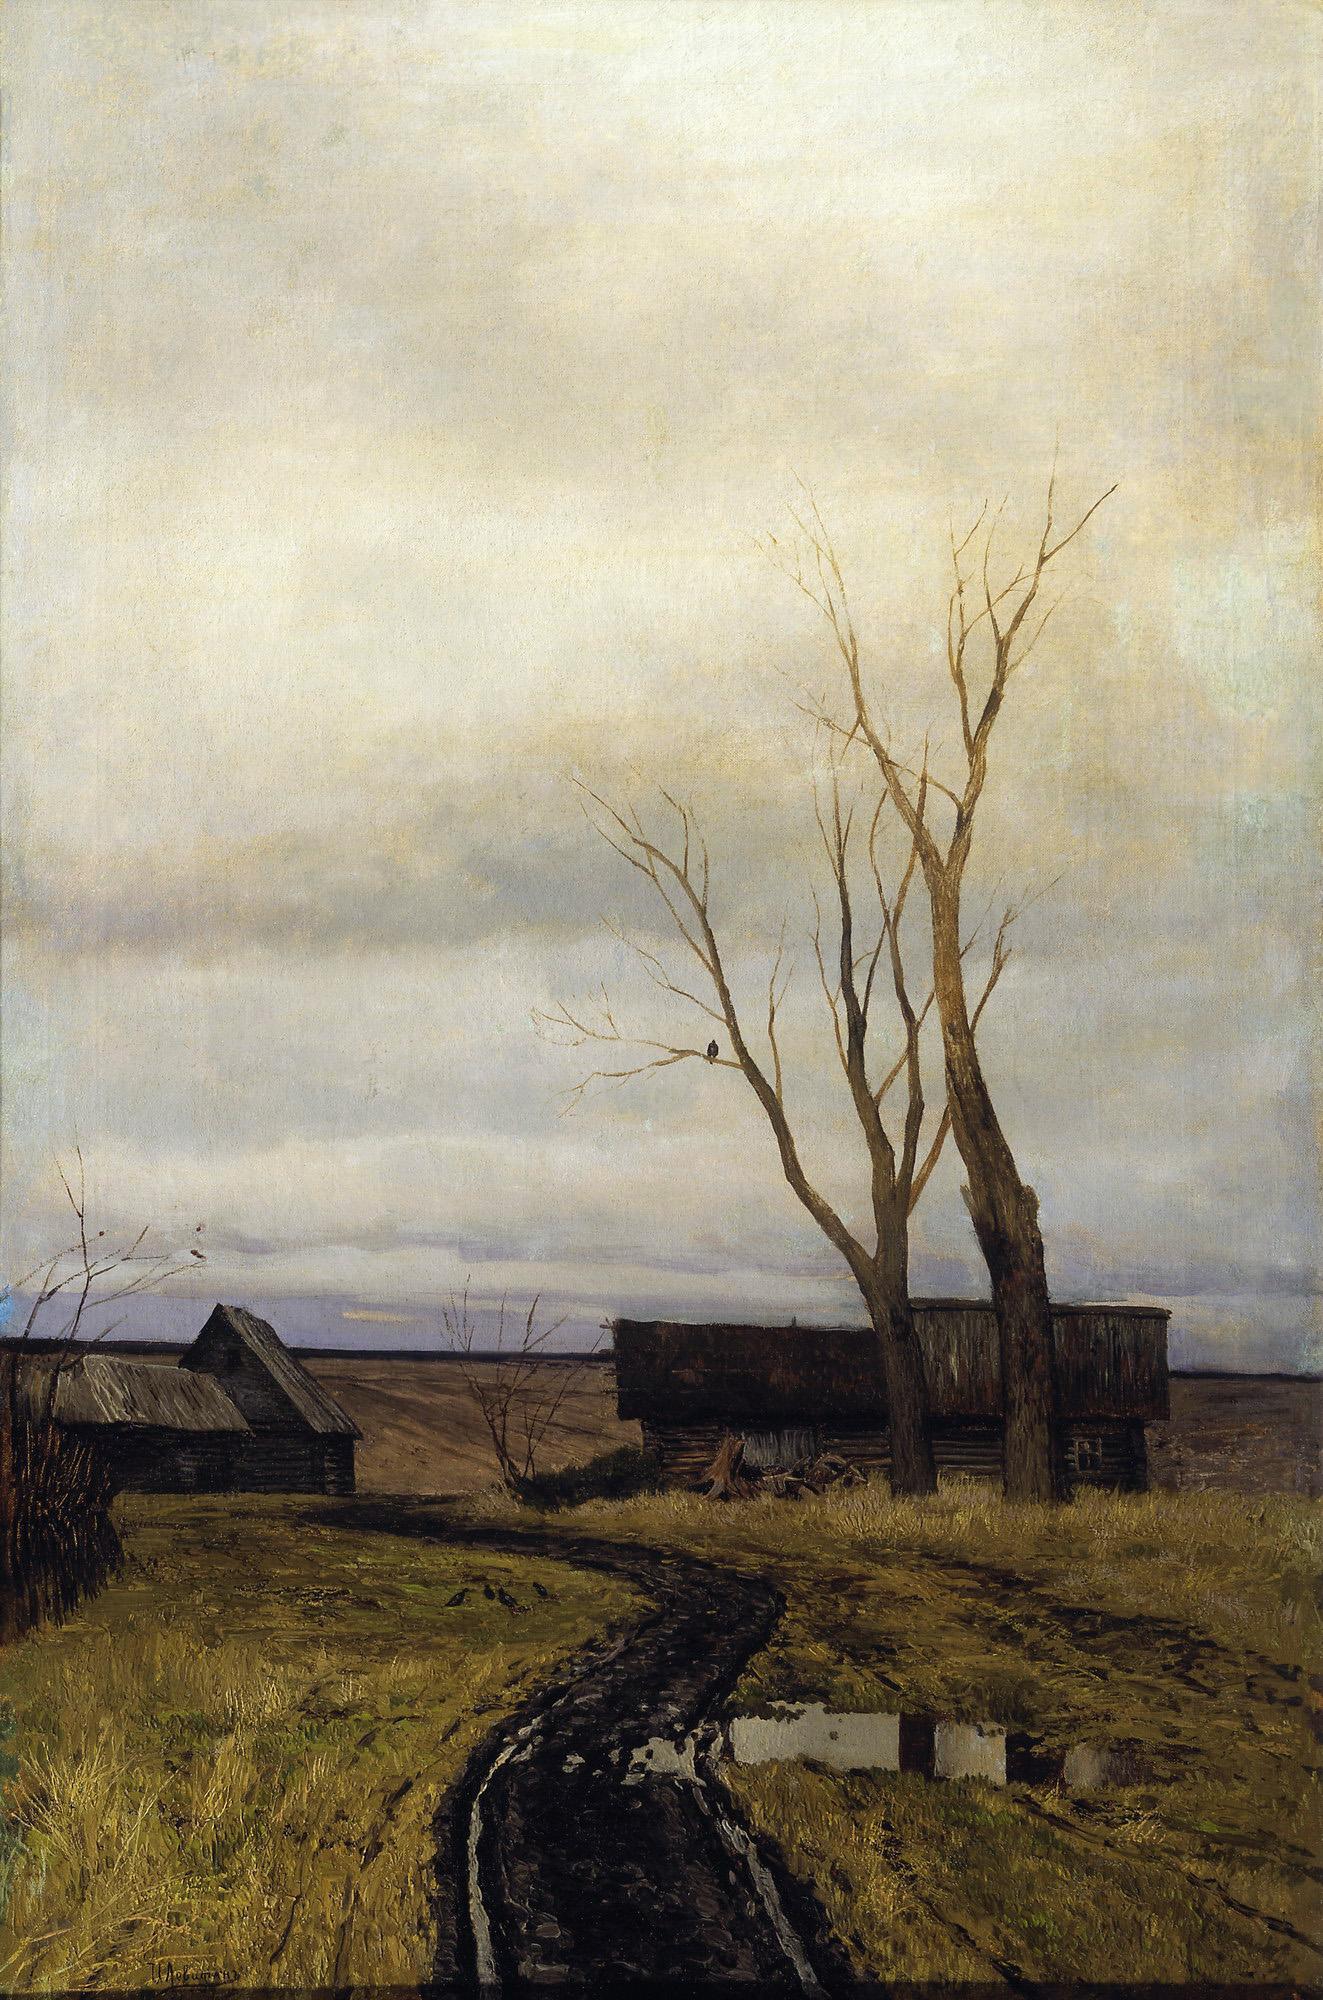 Осень. Дорога в деревне. Исаак Левитан. 1877 год. Третьяковка.